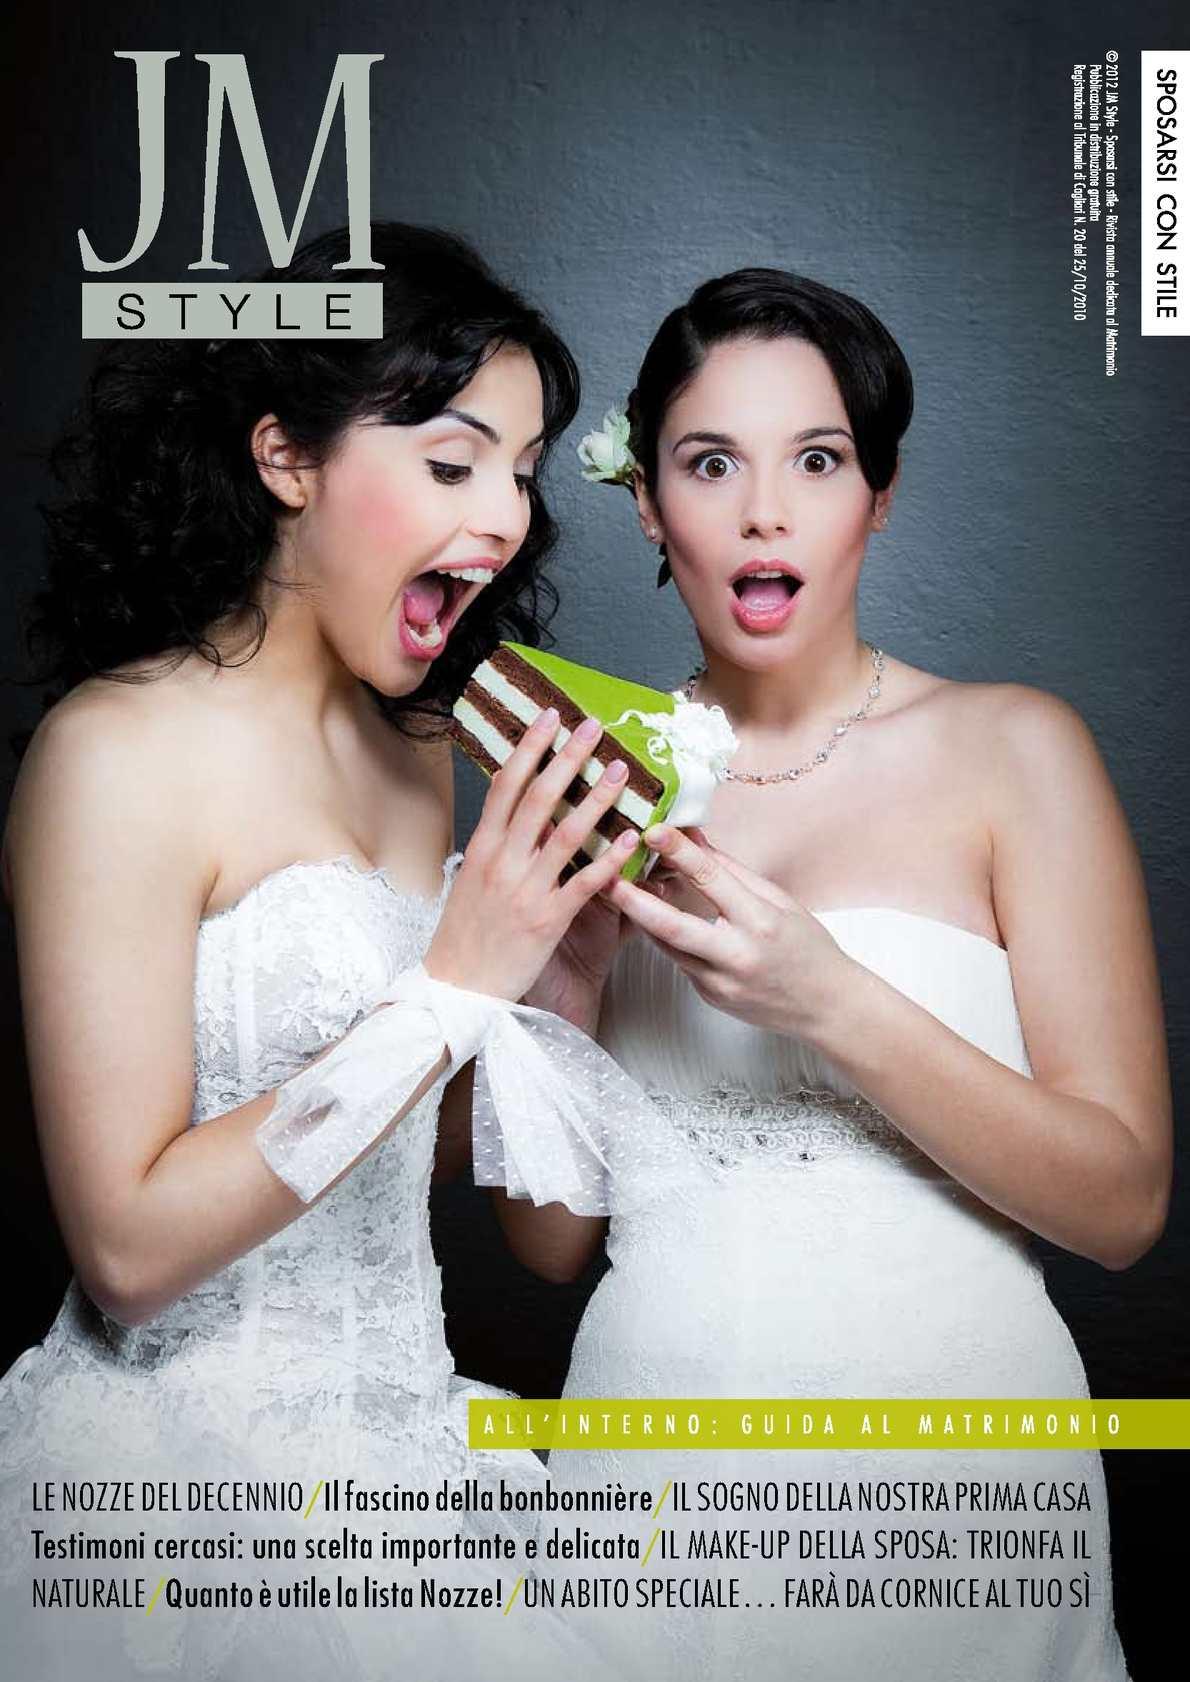 50793e8ff633 Calaméo - JM style 2012 - la rivista del tuo matrimonio